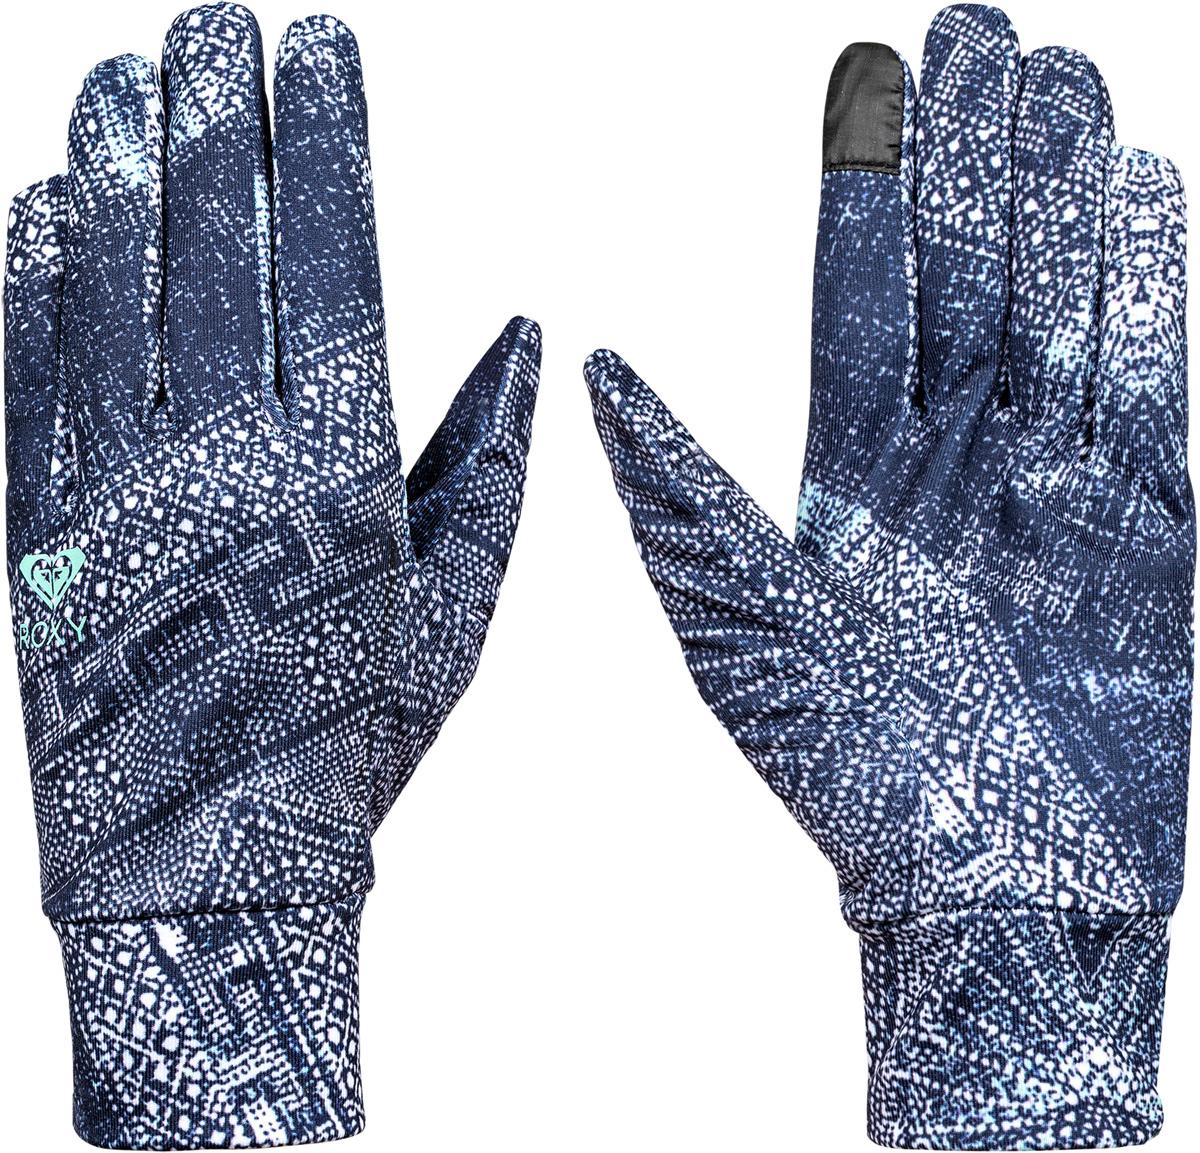 Перчатки женские Roxy Liner, цвет: темно-синий. ERJHN03059-BTN6. Размер S (6,5)ERJHN03059-BTN6Сноубордические перчатки Roxy Liner выполнены из технологичного эластичного текстиля Polartec Power Stretch. Широкие манжеты обеспечивают комфортную посадку модели на руке. Указательный палец подходит для пользования тачскрином.